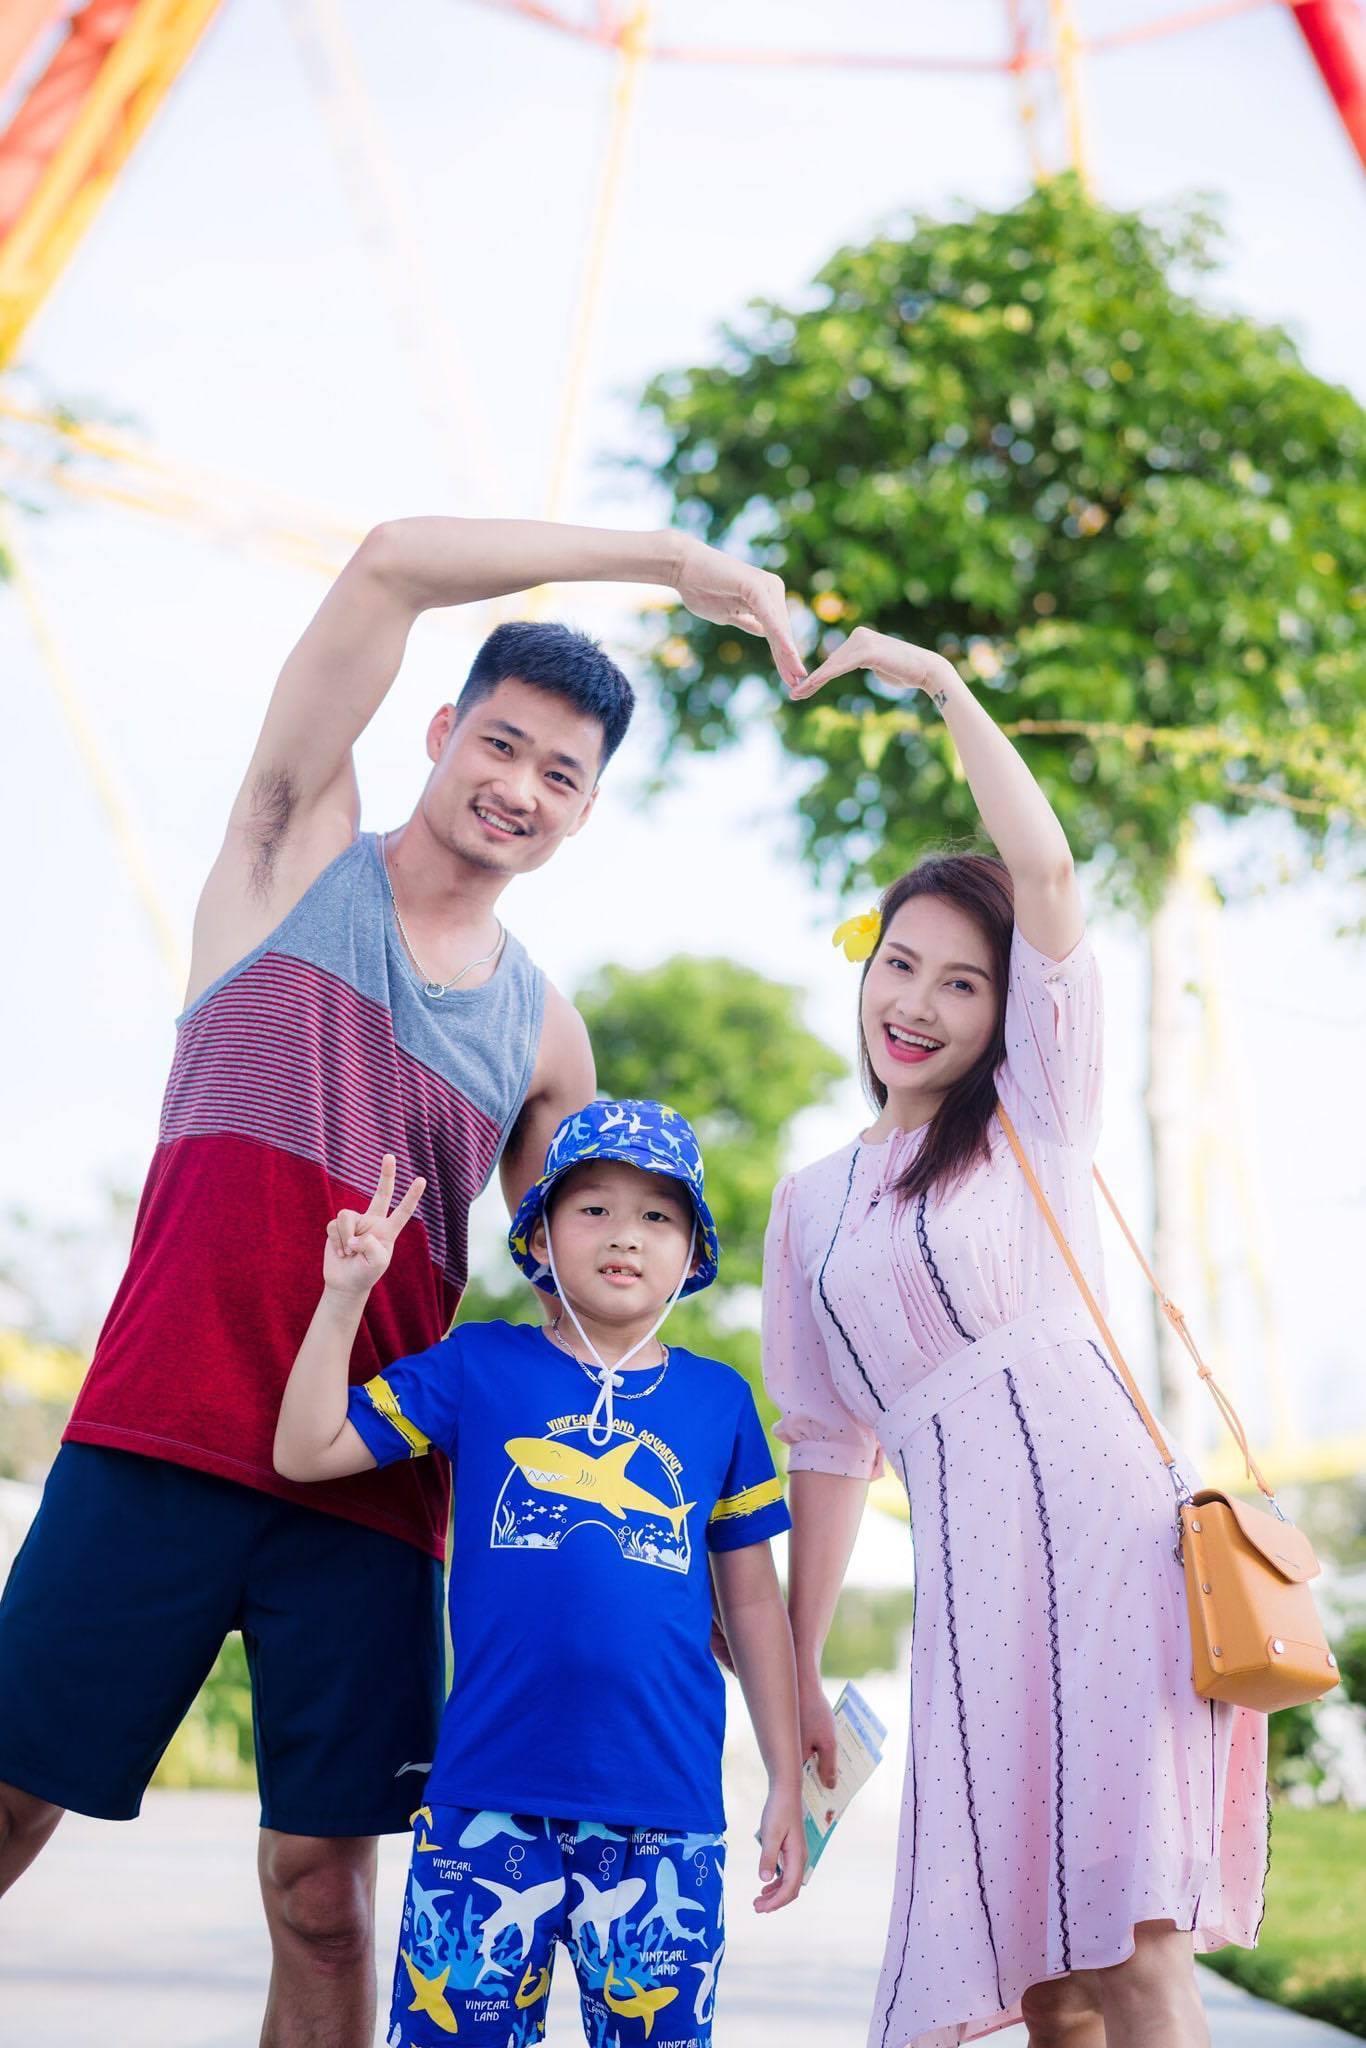 """Khoe khéo """"đủ nếp đủ tẻ"""", Bảo Thanh khiến cộng đồng mạng khen lấy khen để"""